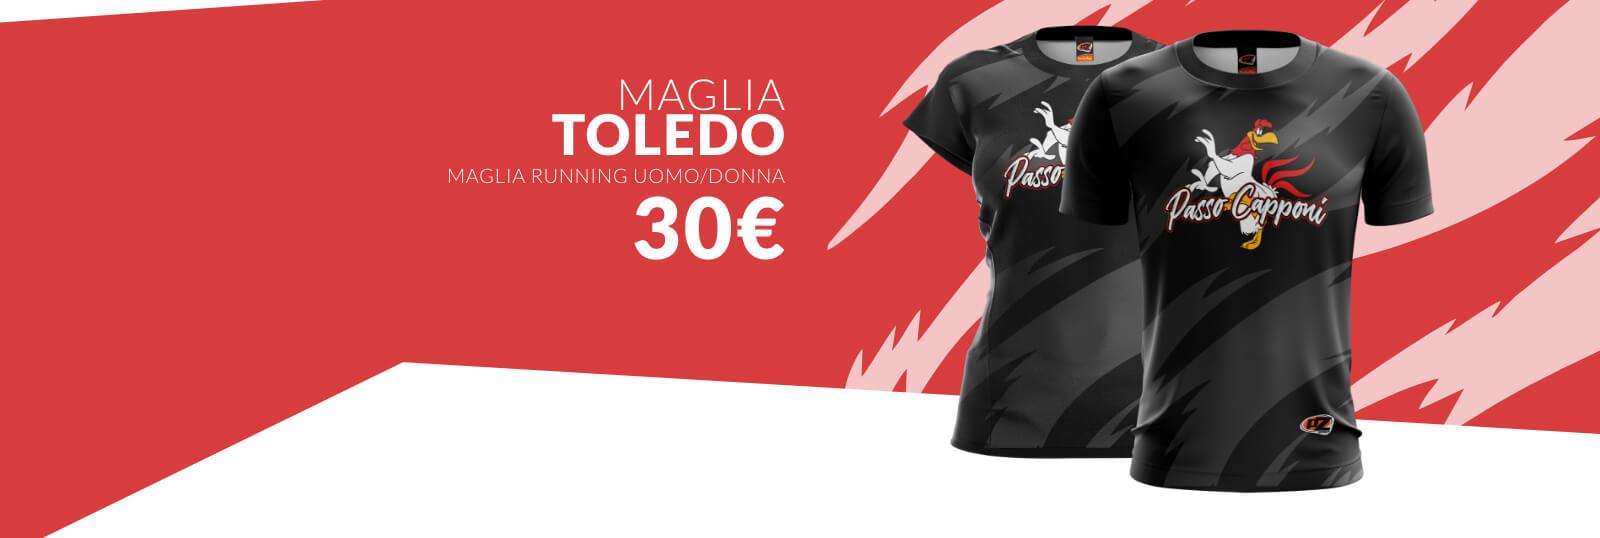 PZ Sport - Passo Capponi: Maglia Toledo